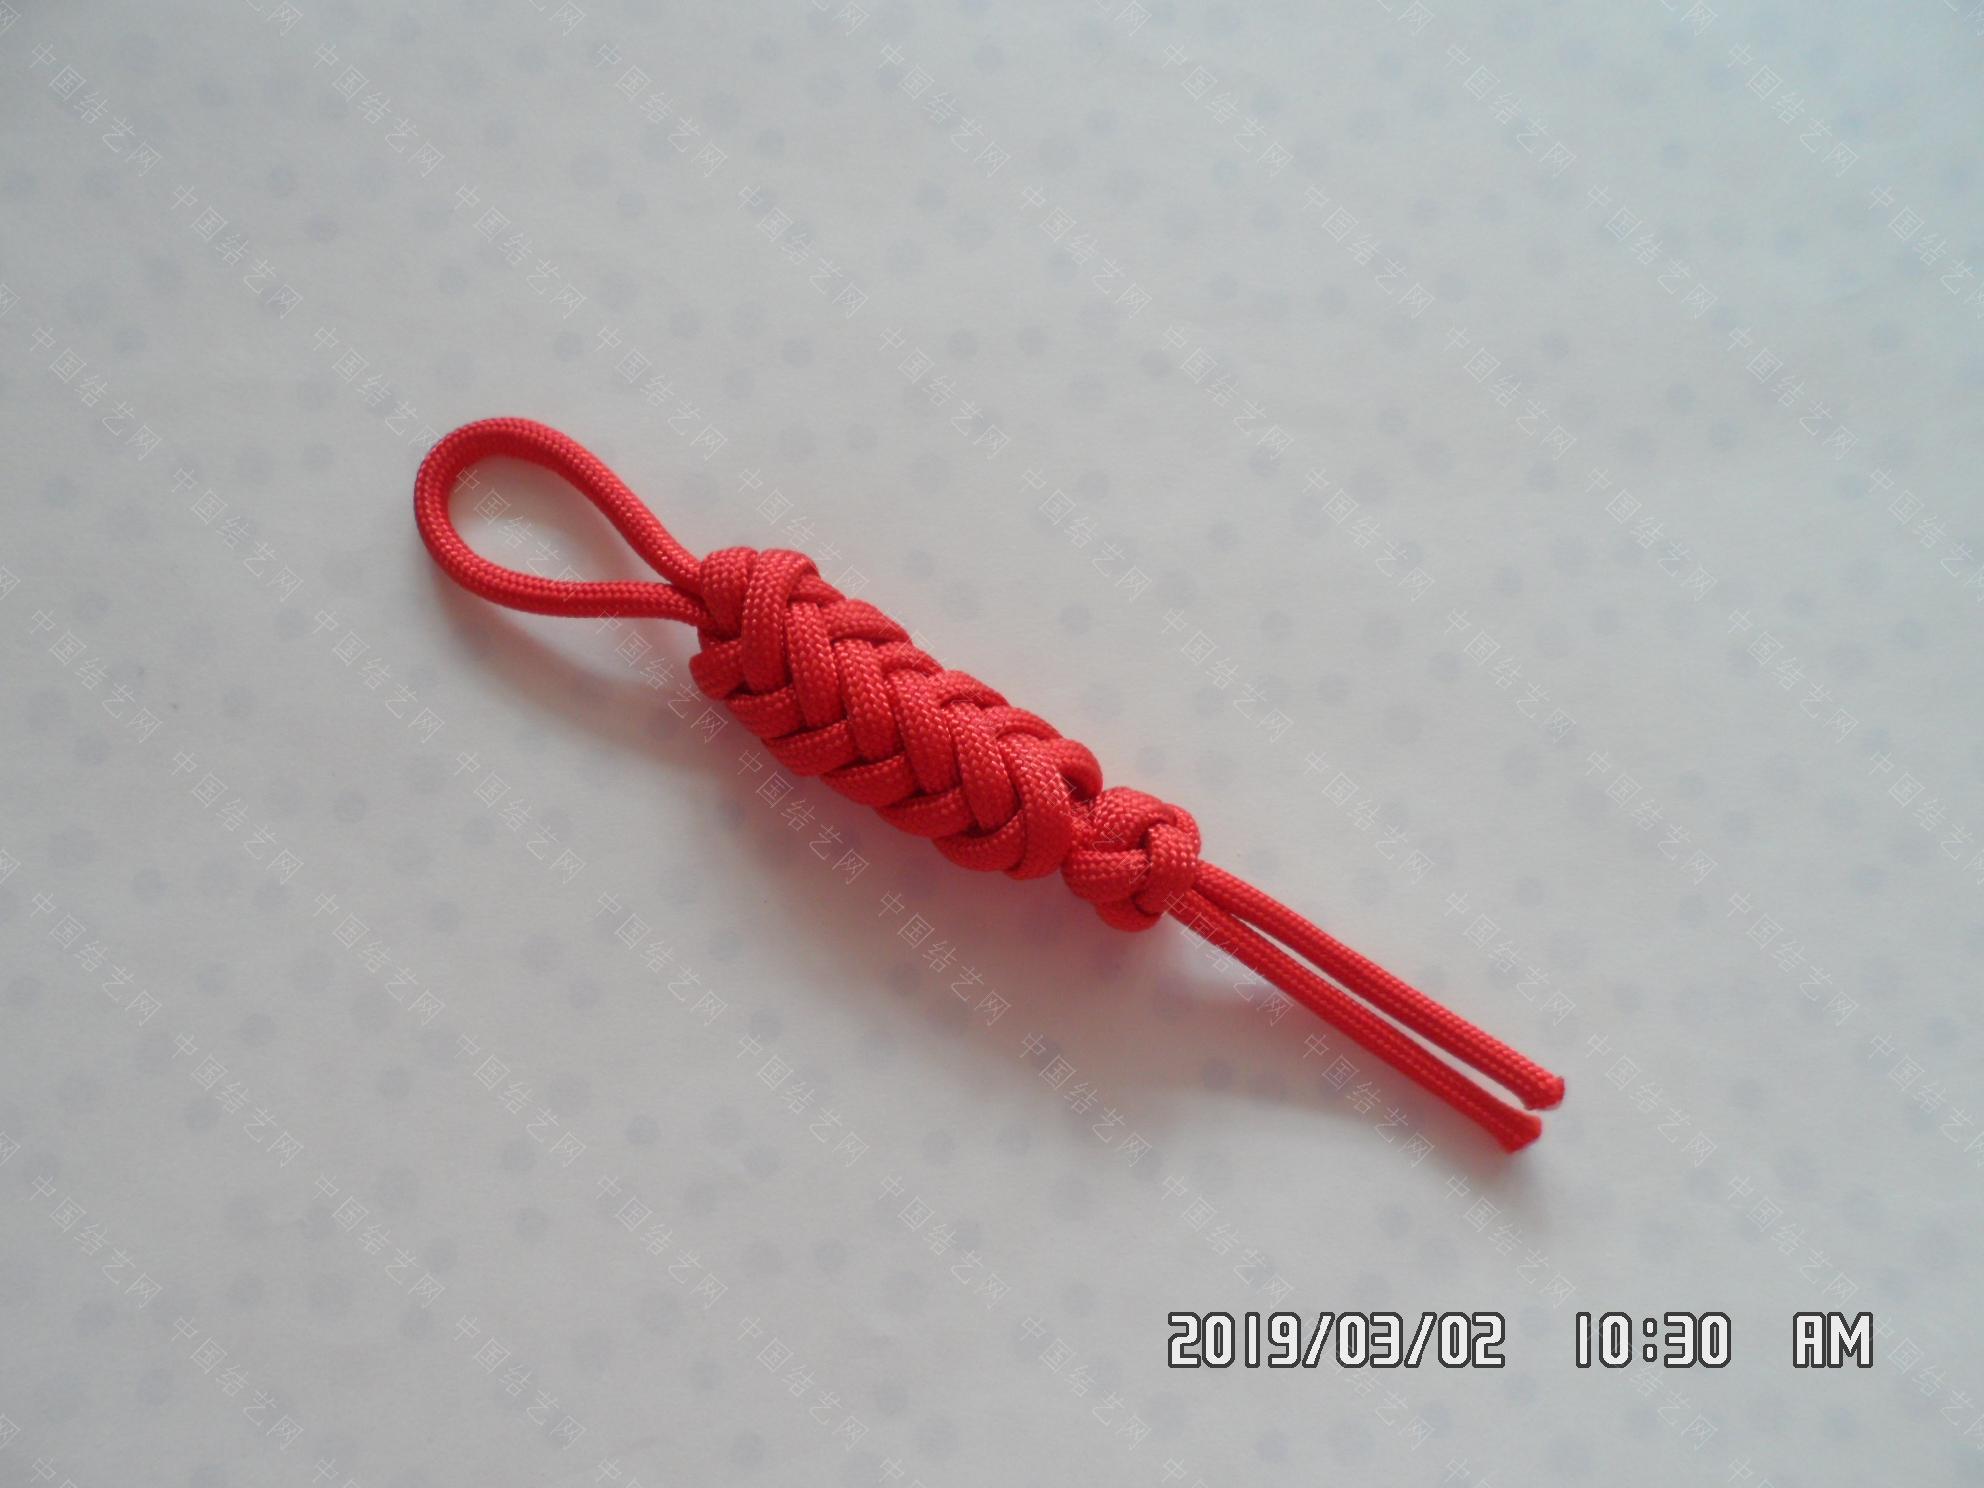 中国结论坛 一款伞绳扁形小挂件的走线方法  图文教程区 171802fufpy9p0100ypa9l